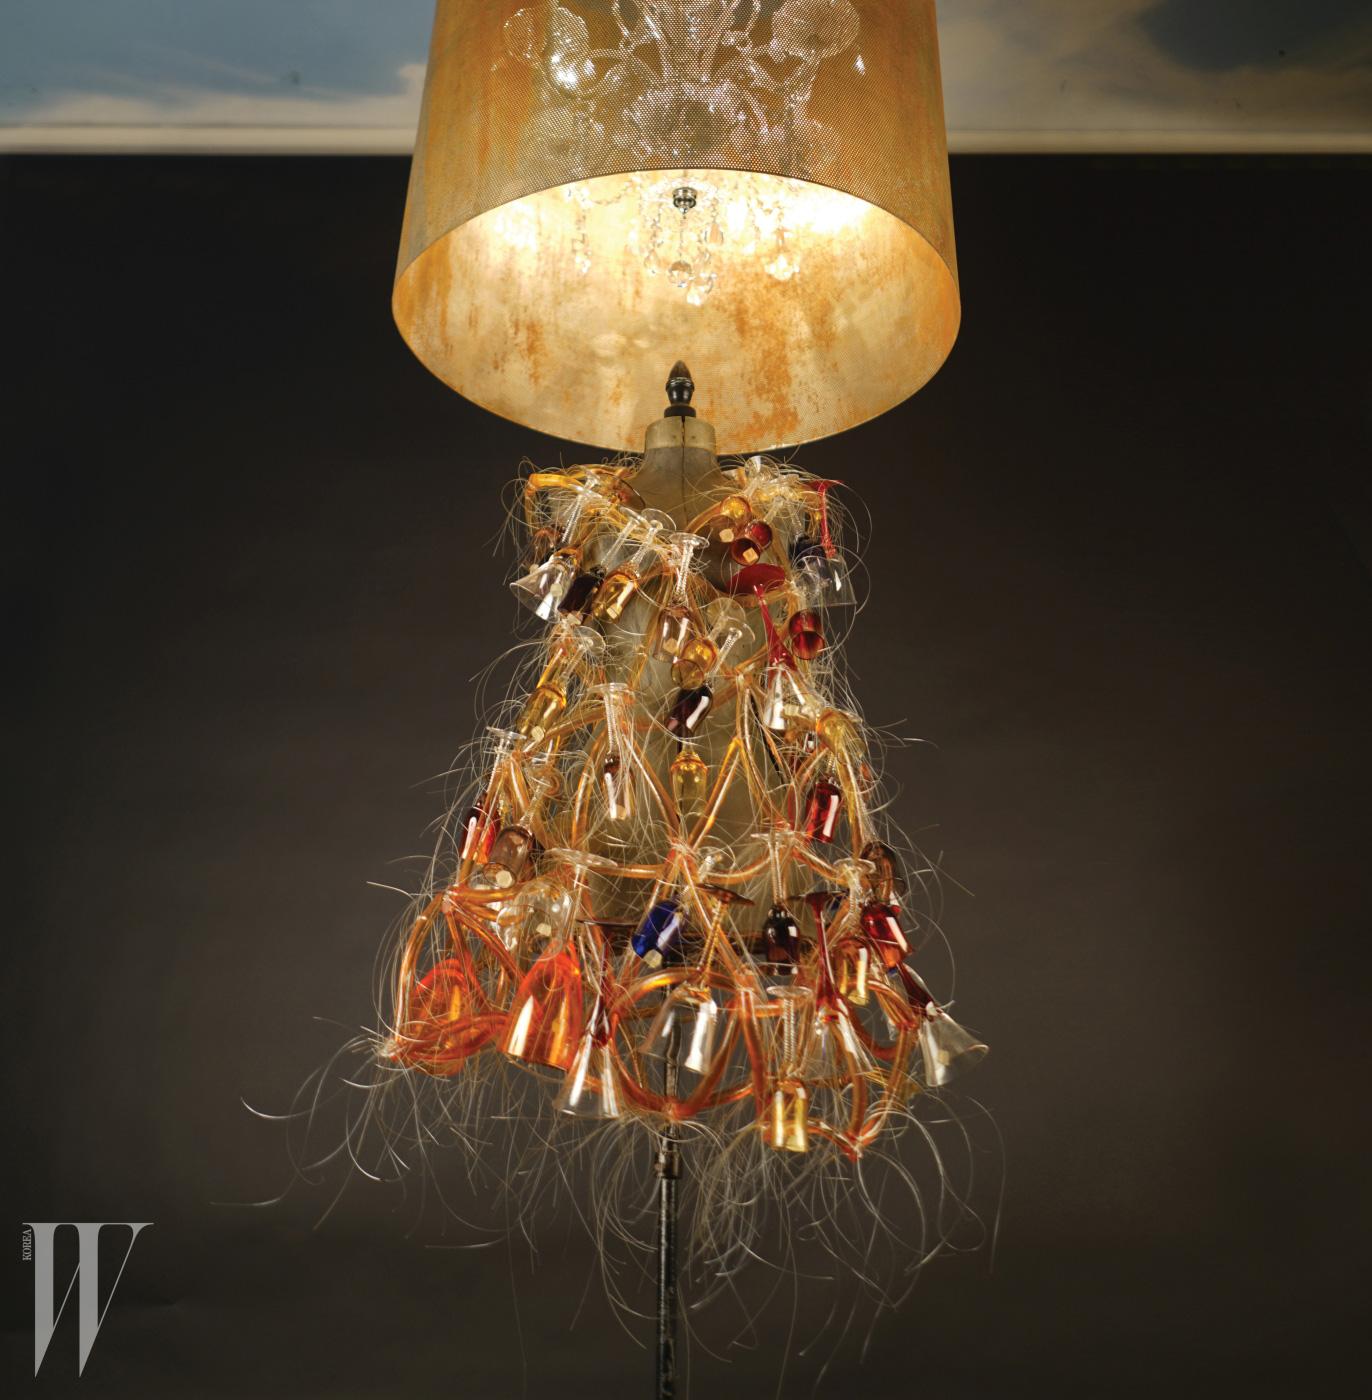 Cantabile(노래하듯이), 아크릴 위에 와인잔을 낚싯줄로 엮어 만든 드레스. 1995년 작.